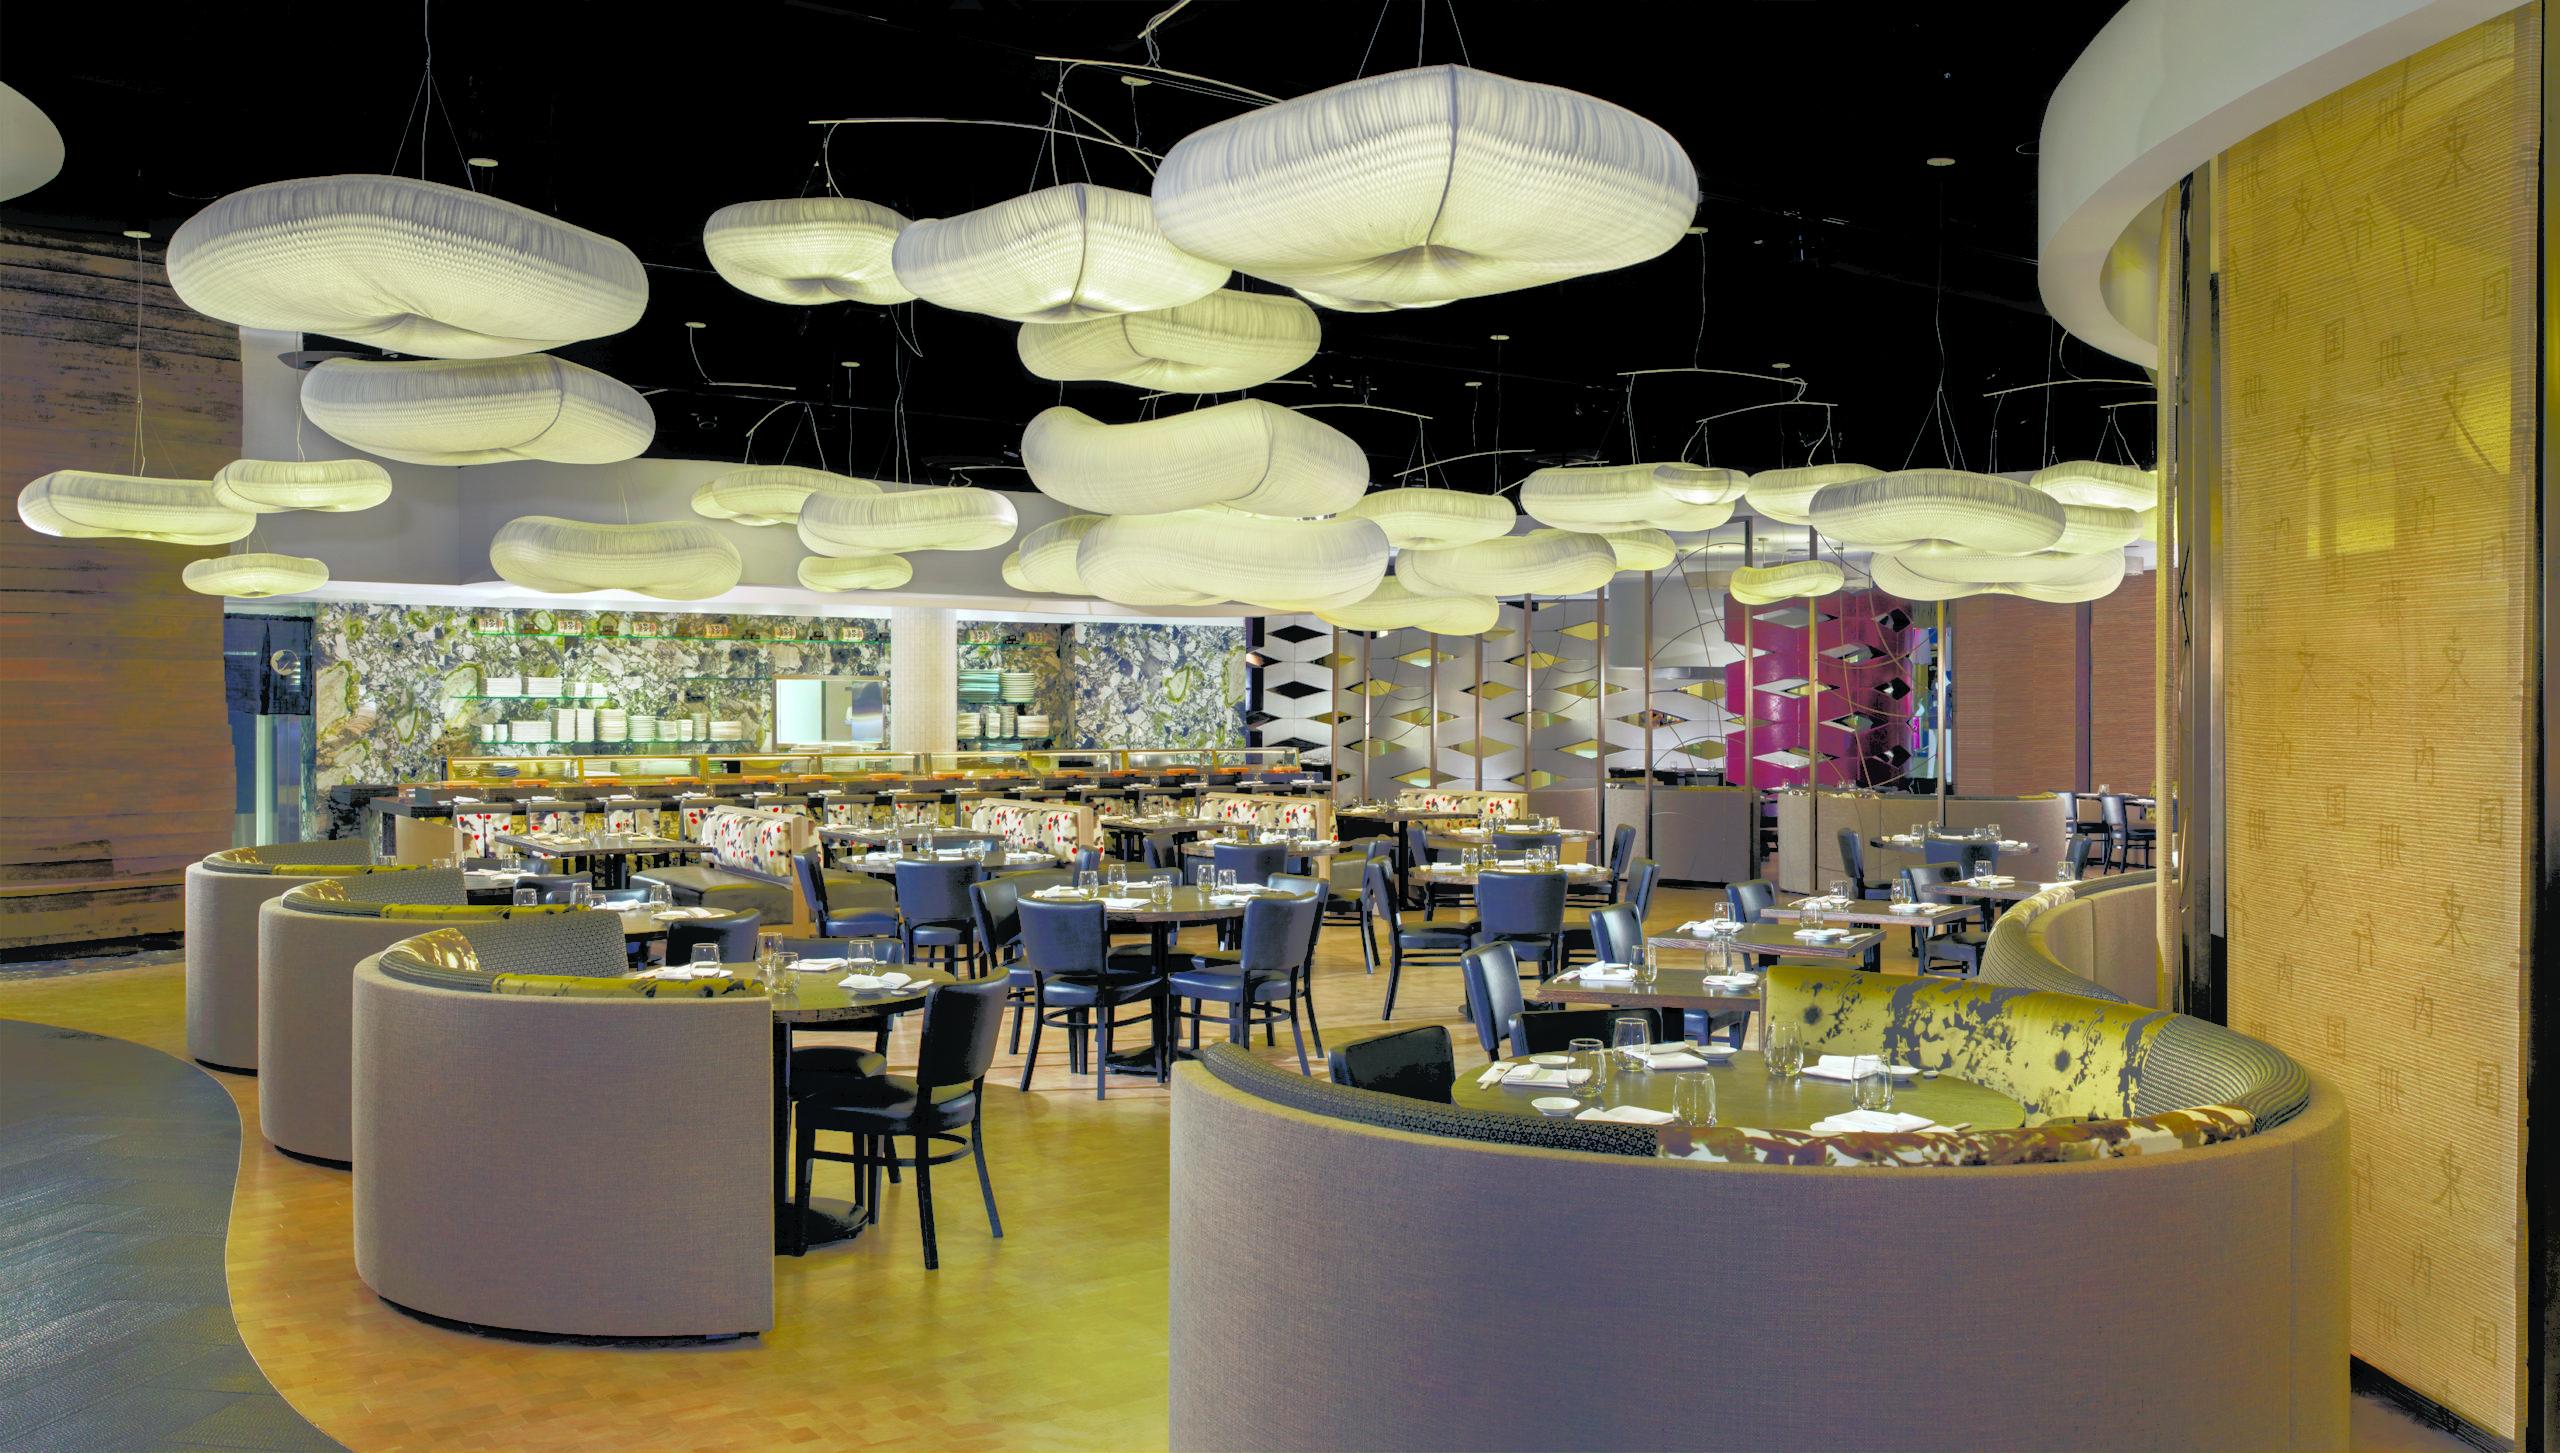 Nobu Las Vegas - Luxury Hotels To Stay In Las Vegas